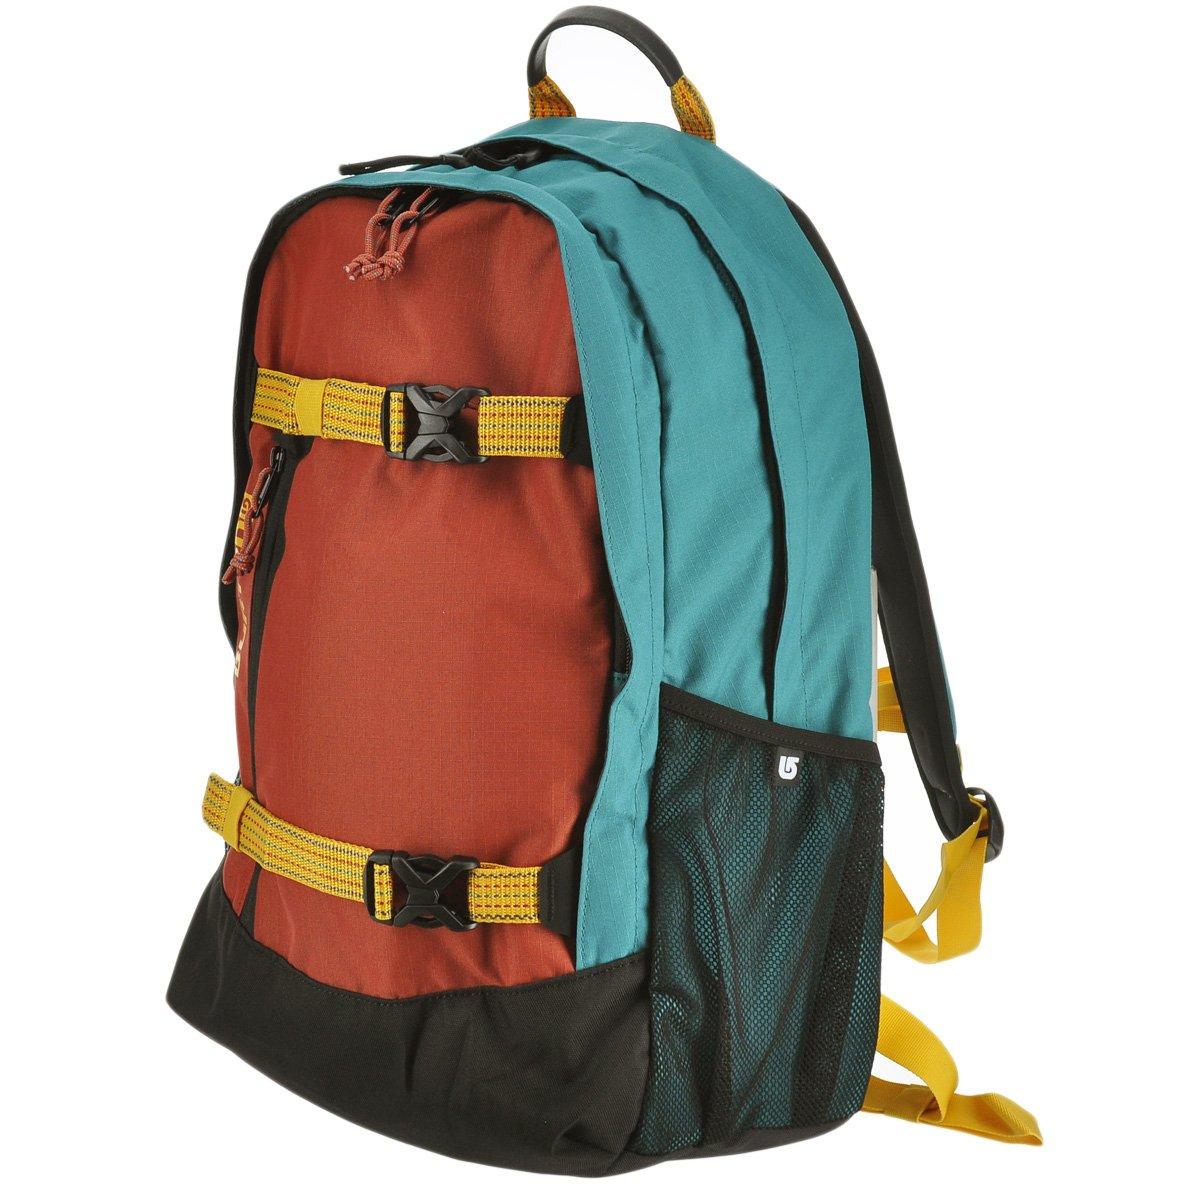 [バートン] バックパック Day Hiker Pack [25L] 15286103431 B06XTG3728 8.タンドリリップストップ 8.タンドリリップストップ